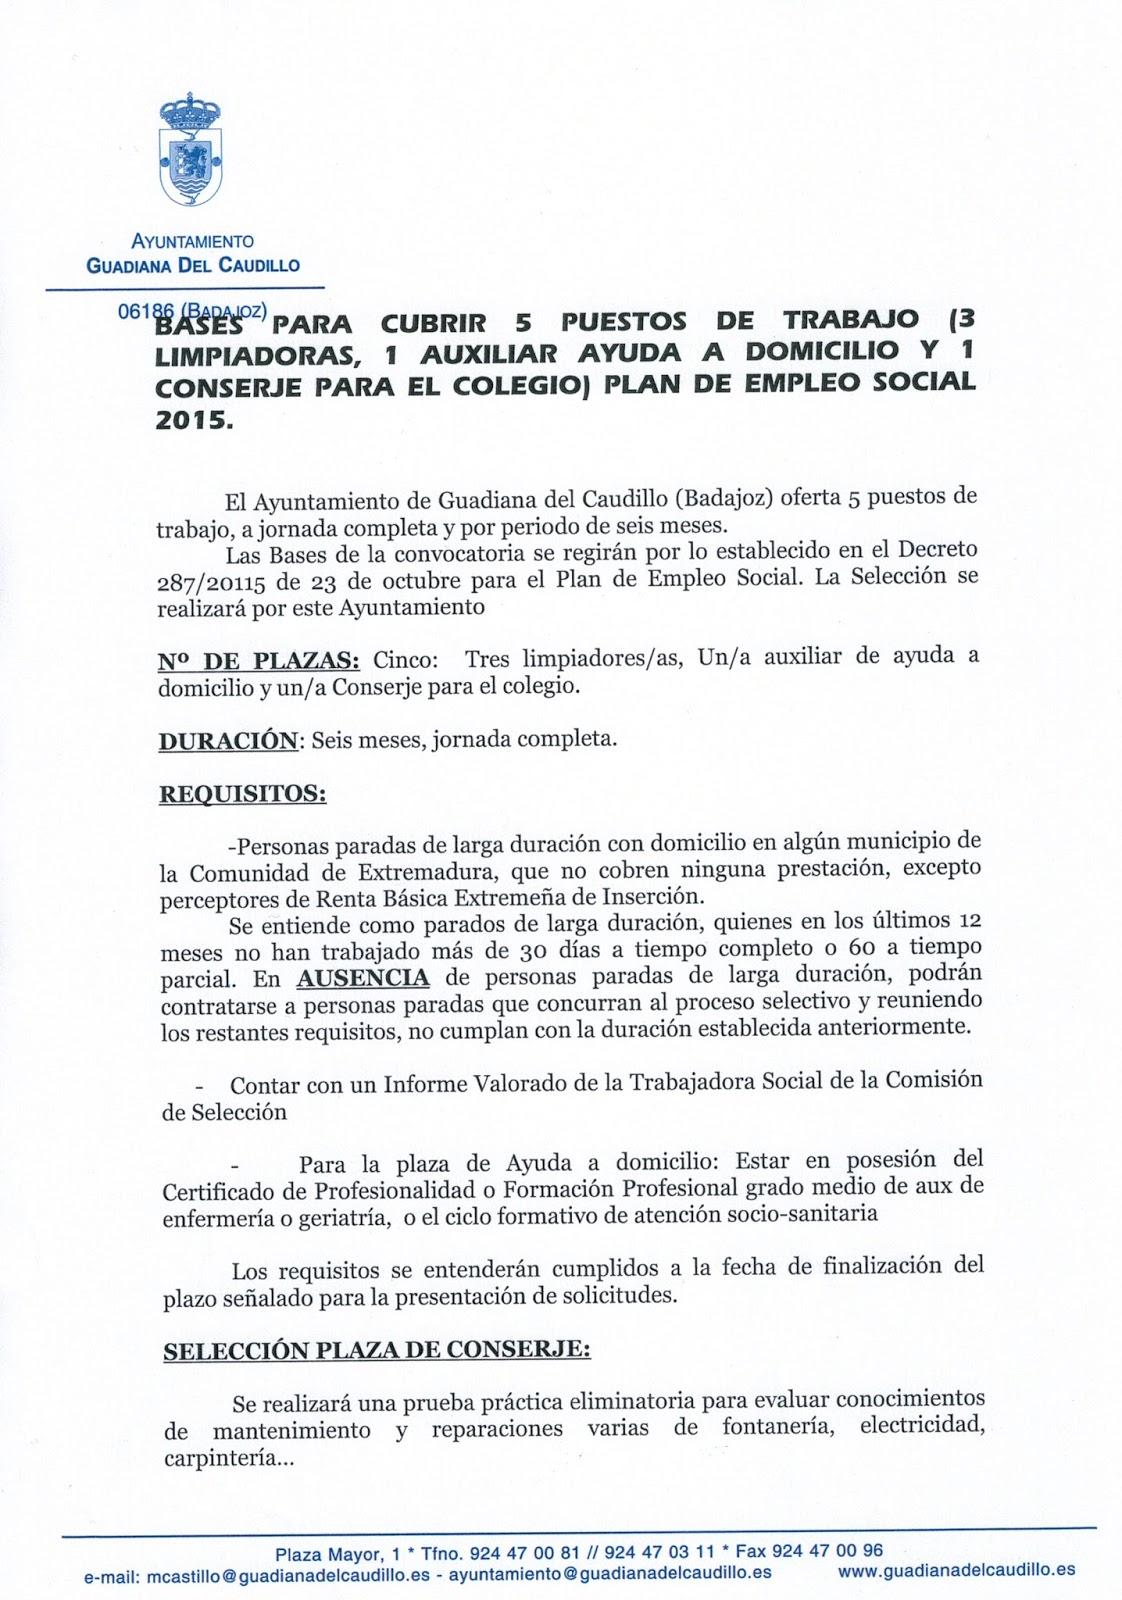 BASES PARA CUBRIR 5 PUESTOS DE TRABAJO (3 LIMPIADORAS, 1 AUXILIAR DE ...